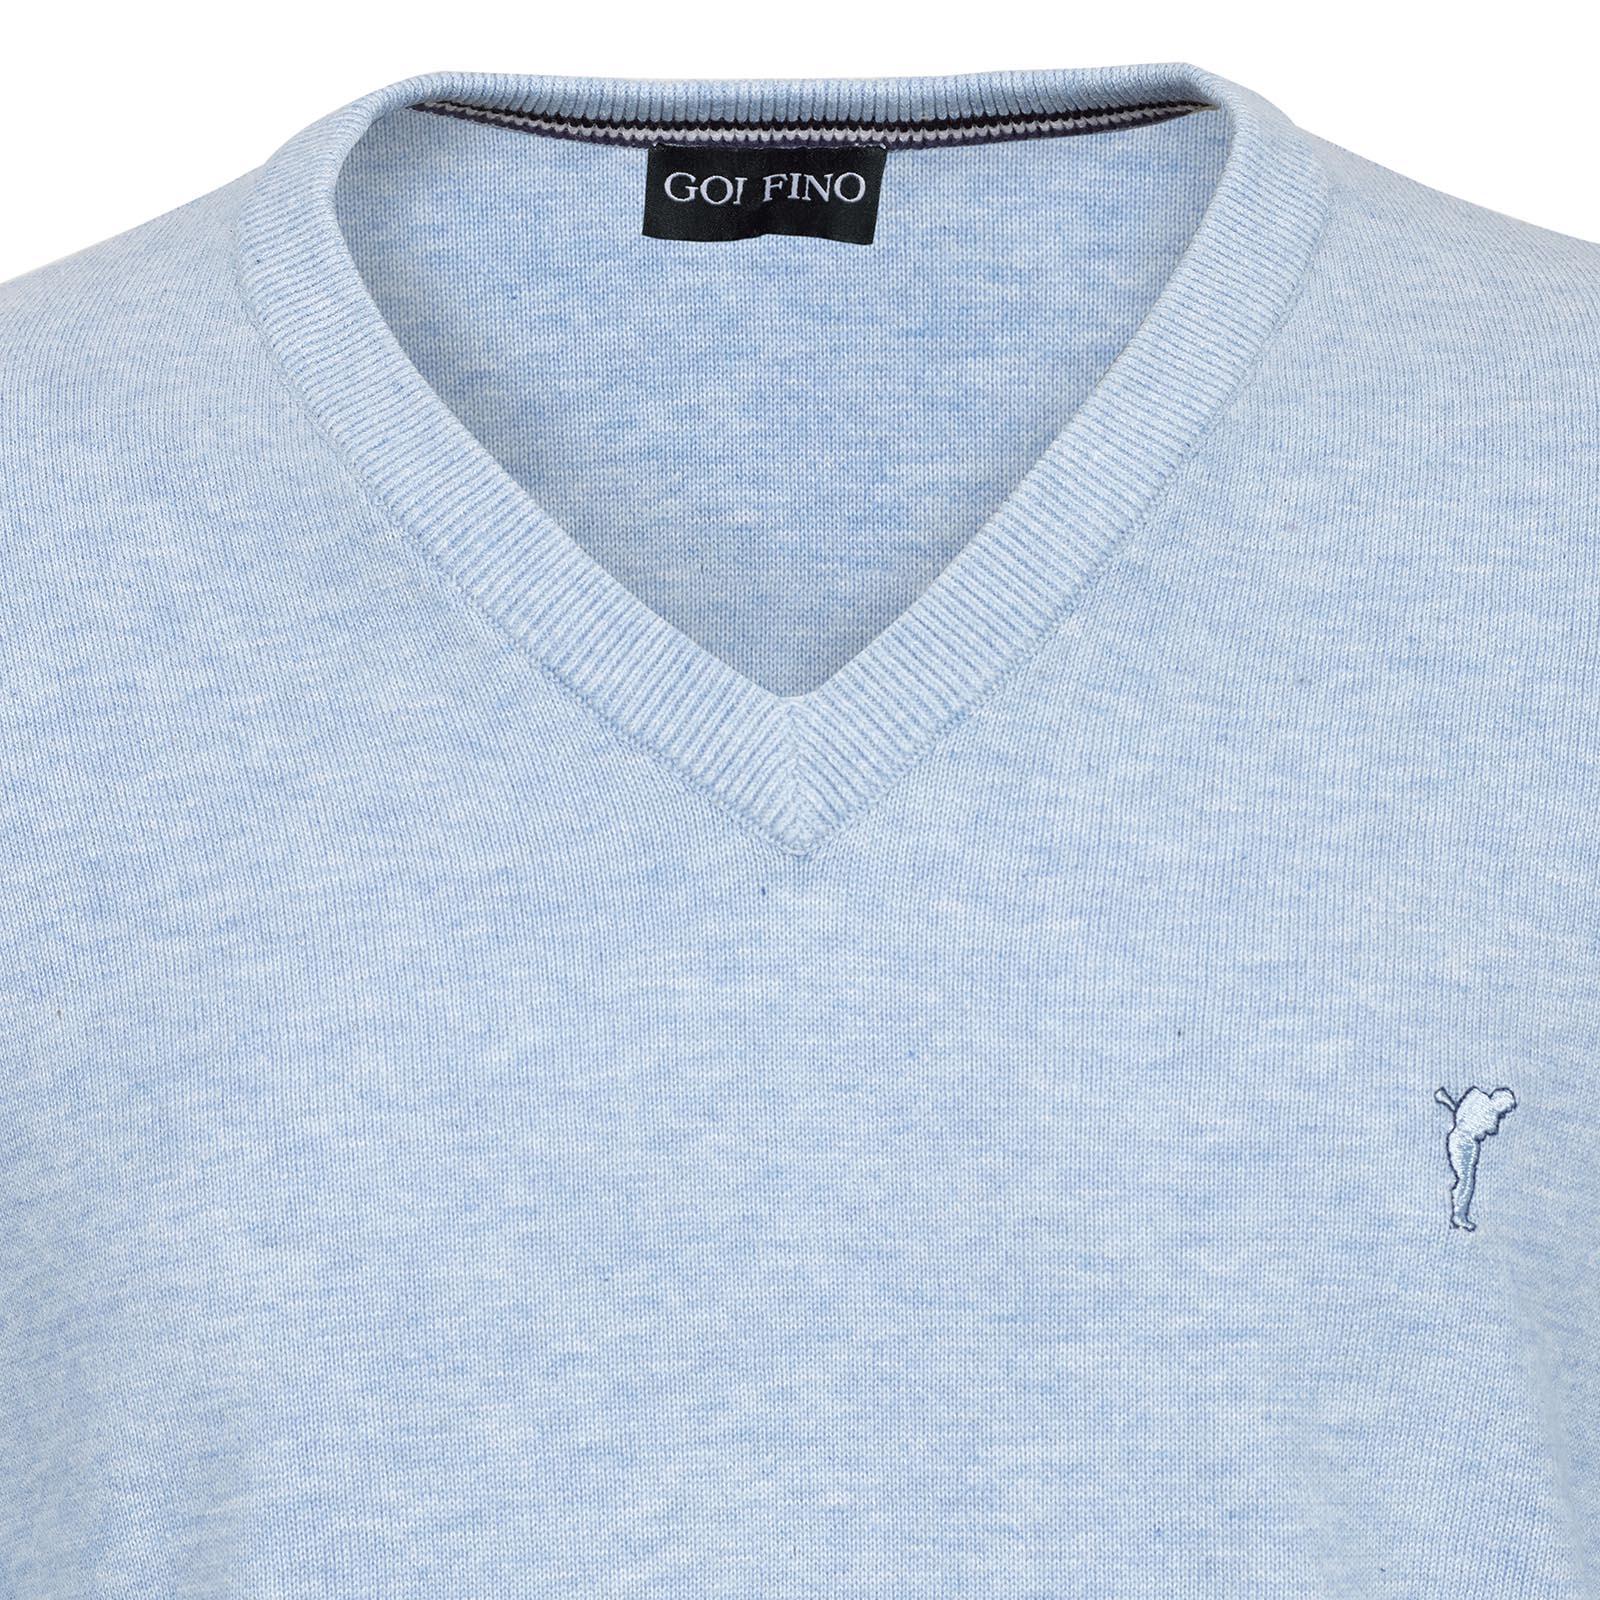 Herren Sommer-Golfpullover mit V-Ausschnitt aus super softer Baumwolle